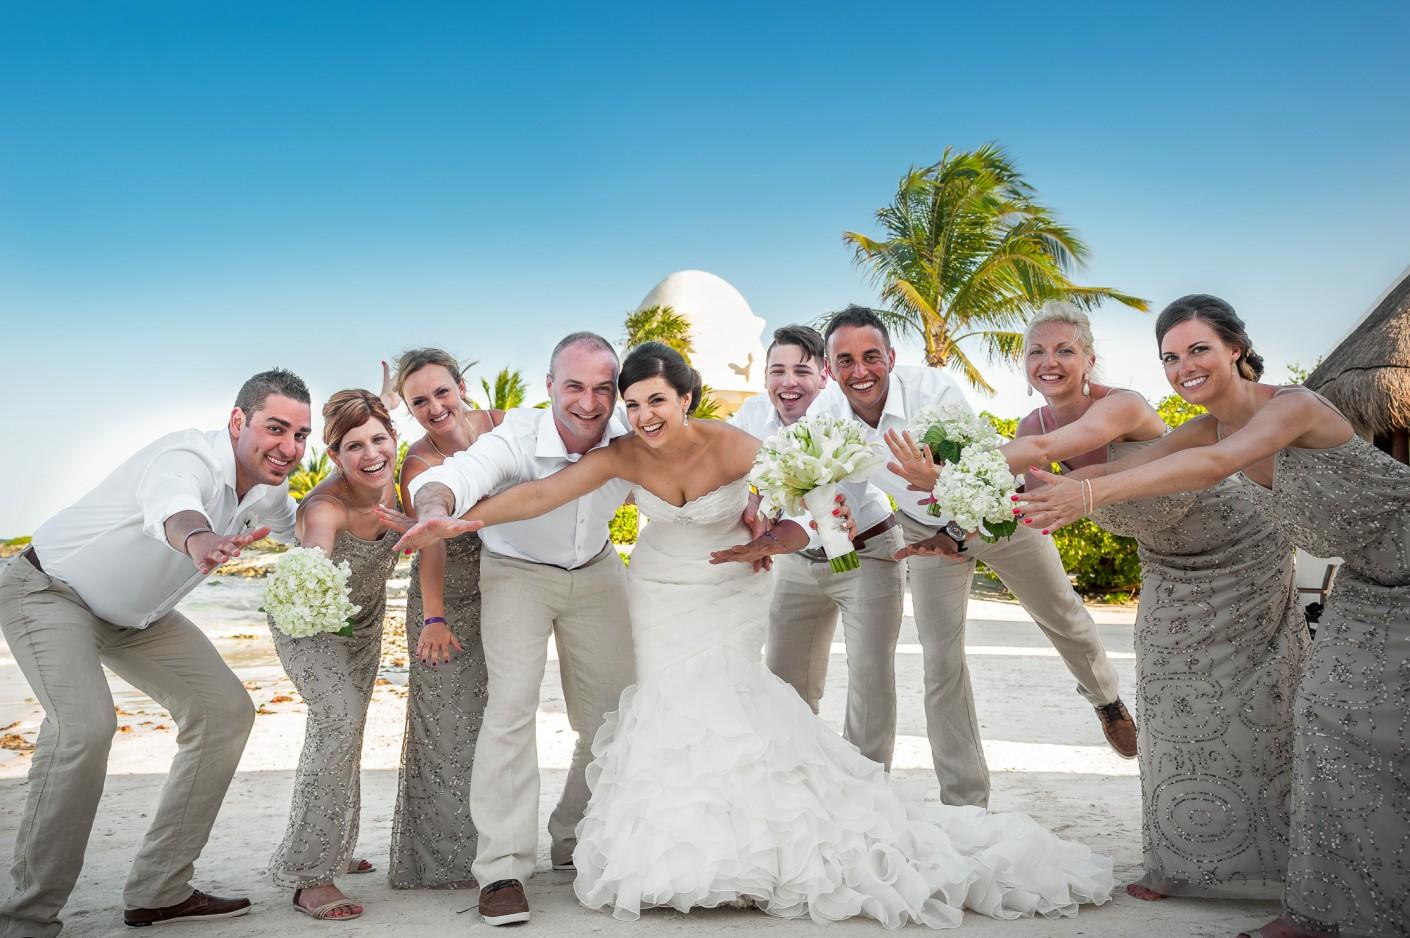 Mariage Destination : Les inséparables -, KW: Mexique